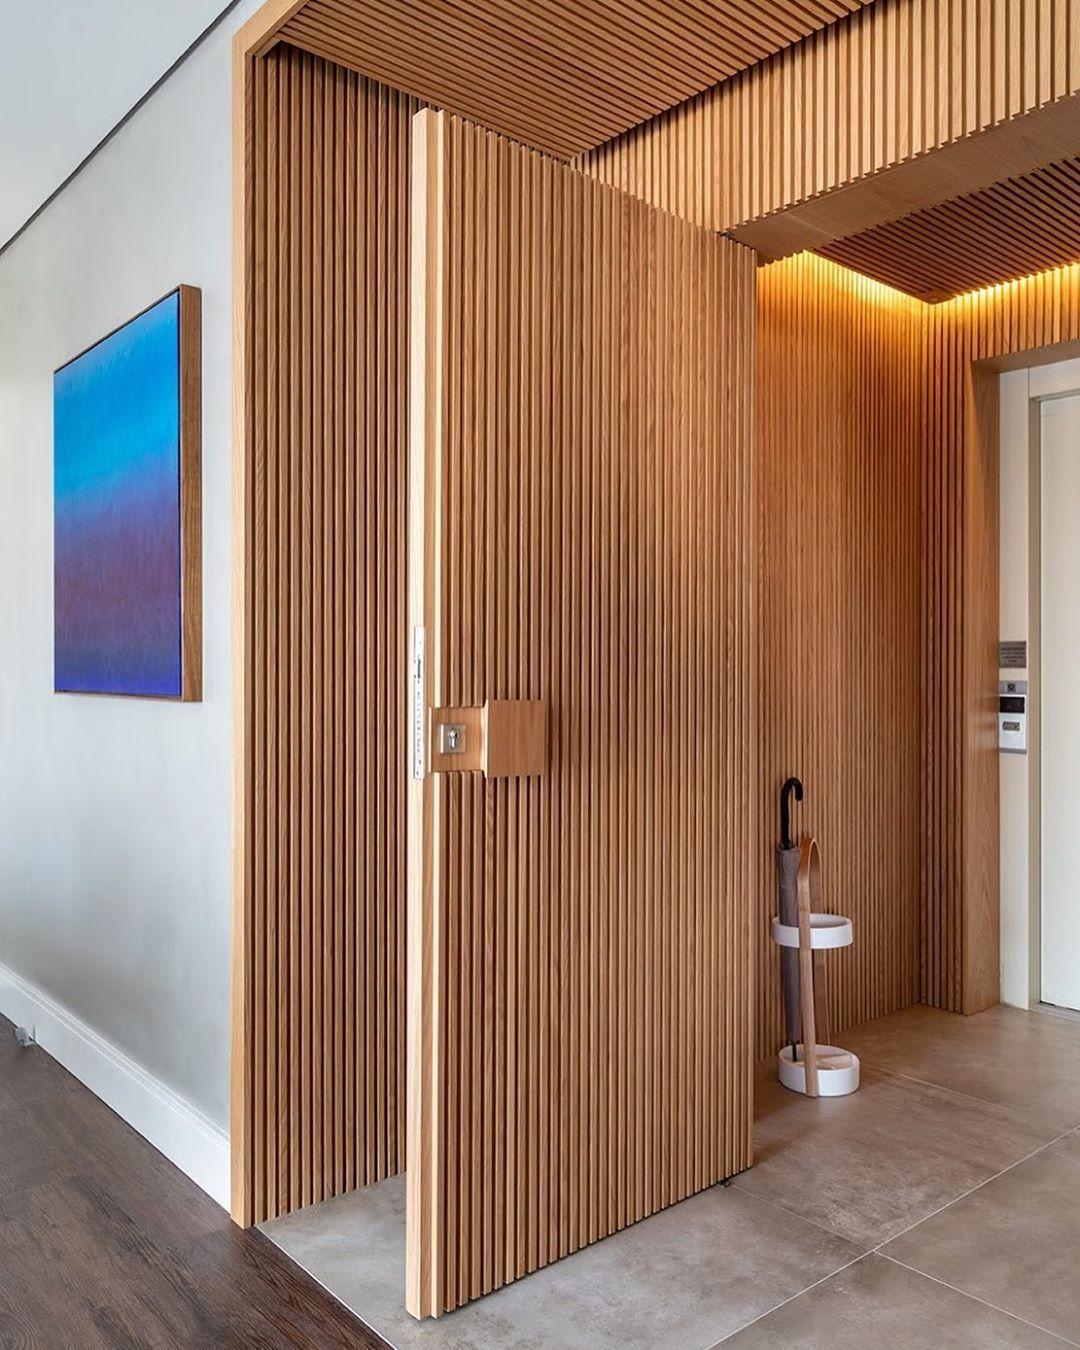 Doghe Di Legno Per Pareti pin by cielleppi on doors in 2020 | door design interior